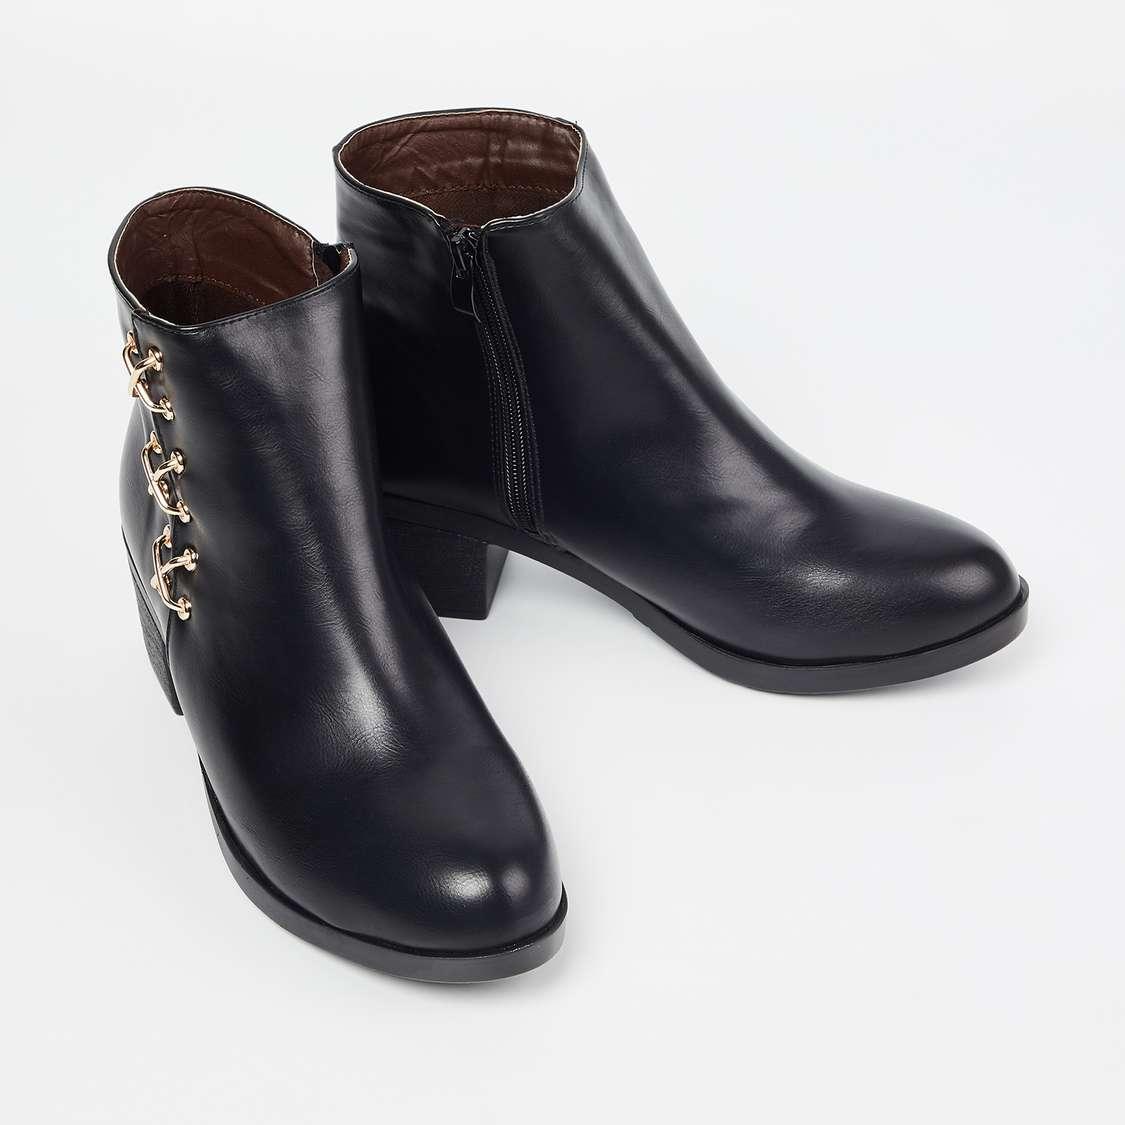 GINGER Embellished Block Heel Ankle Boots